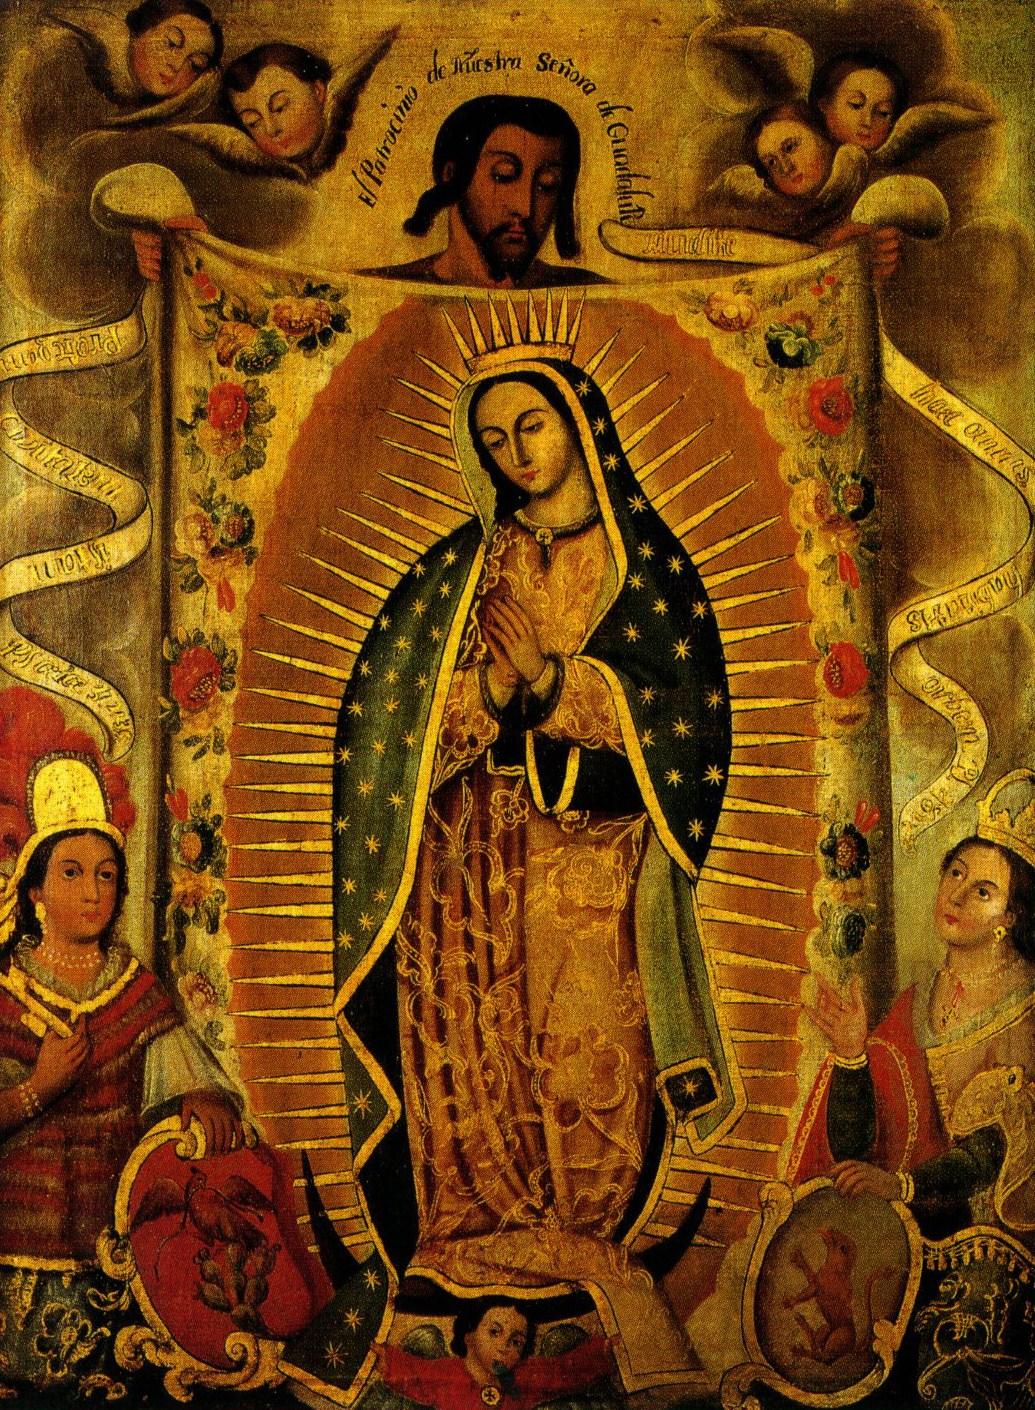 Juan Diego Y La Virgen De Guadalupe >> Ŧhe ₵oincidental Ðandy: La Reina de México y Emperatriz de América